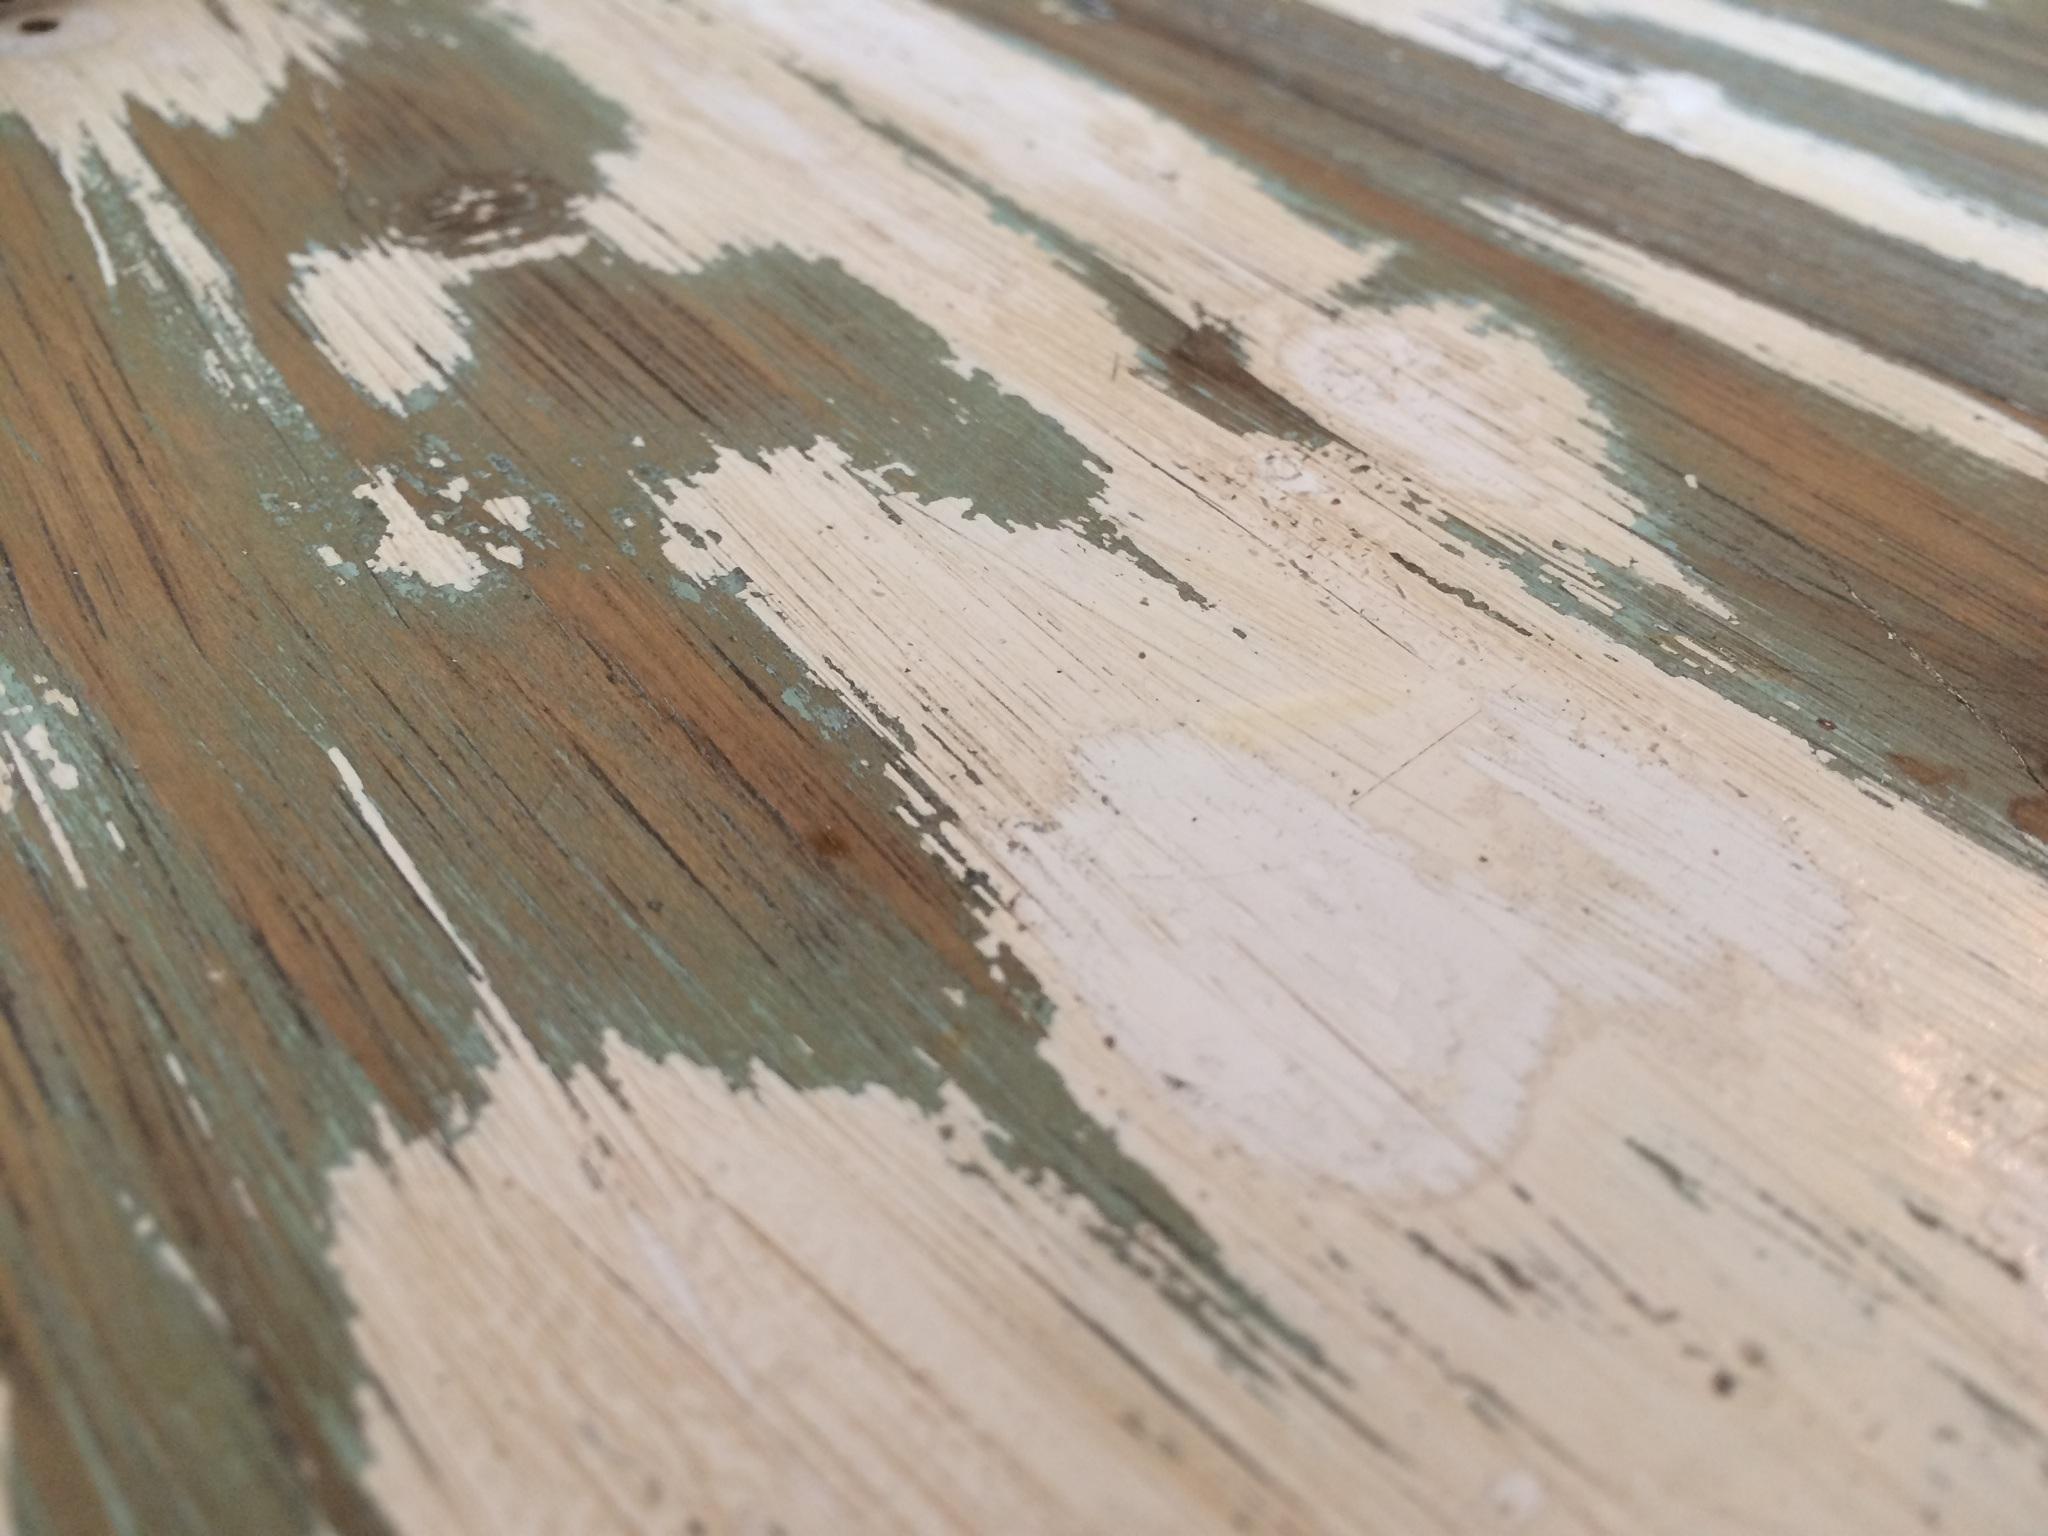 Table Wood Vintage Grain Plank Floor Brown Paint Lumber Art Hardwood Scratched Flooring Plywood